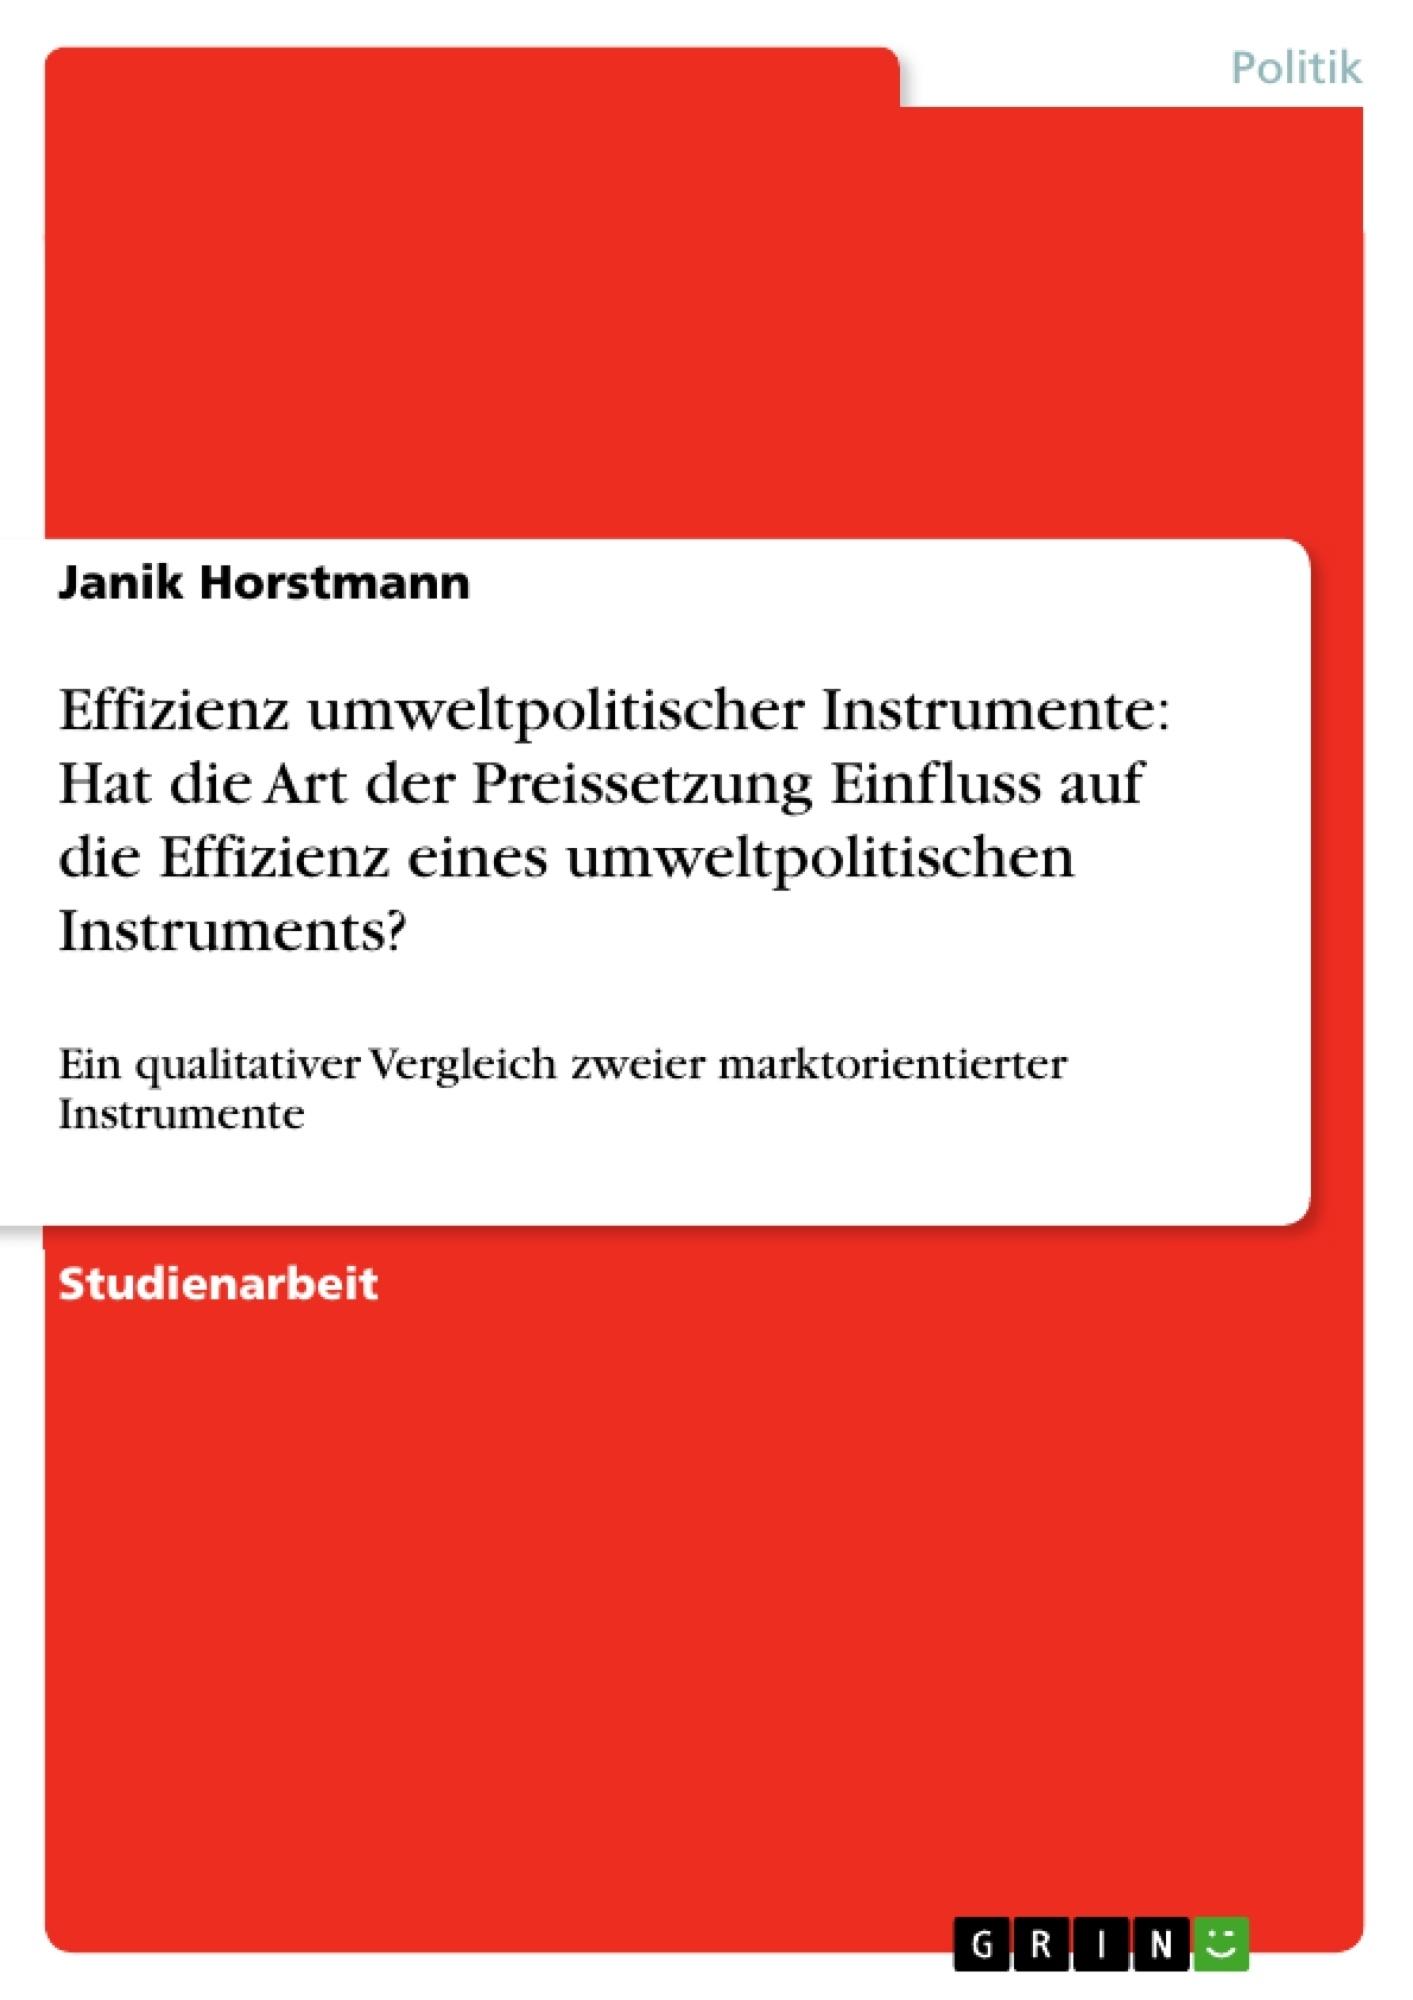 Titel: Effizienz umweltpolitischer Instrumente: Hat die Art der Preissetzung Einfluss auf die Effizienz eines umweltpolitischen Instruments?